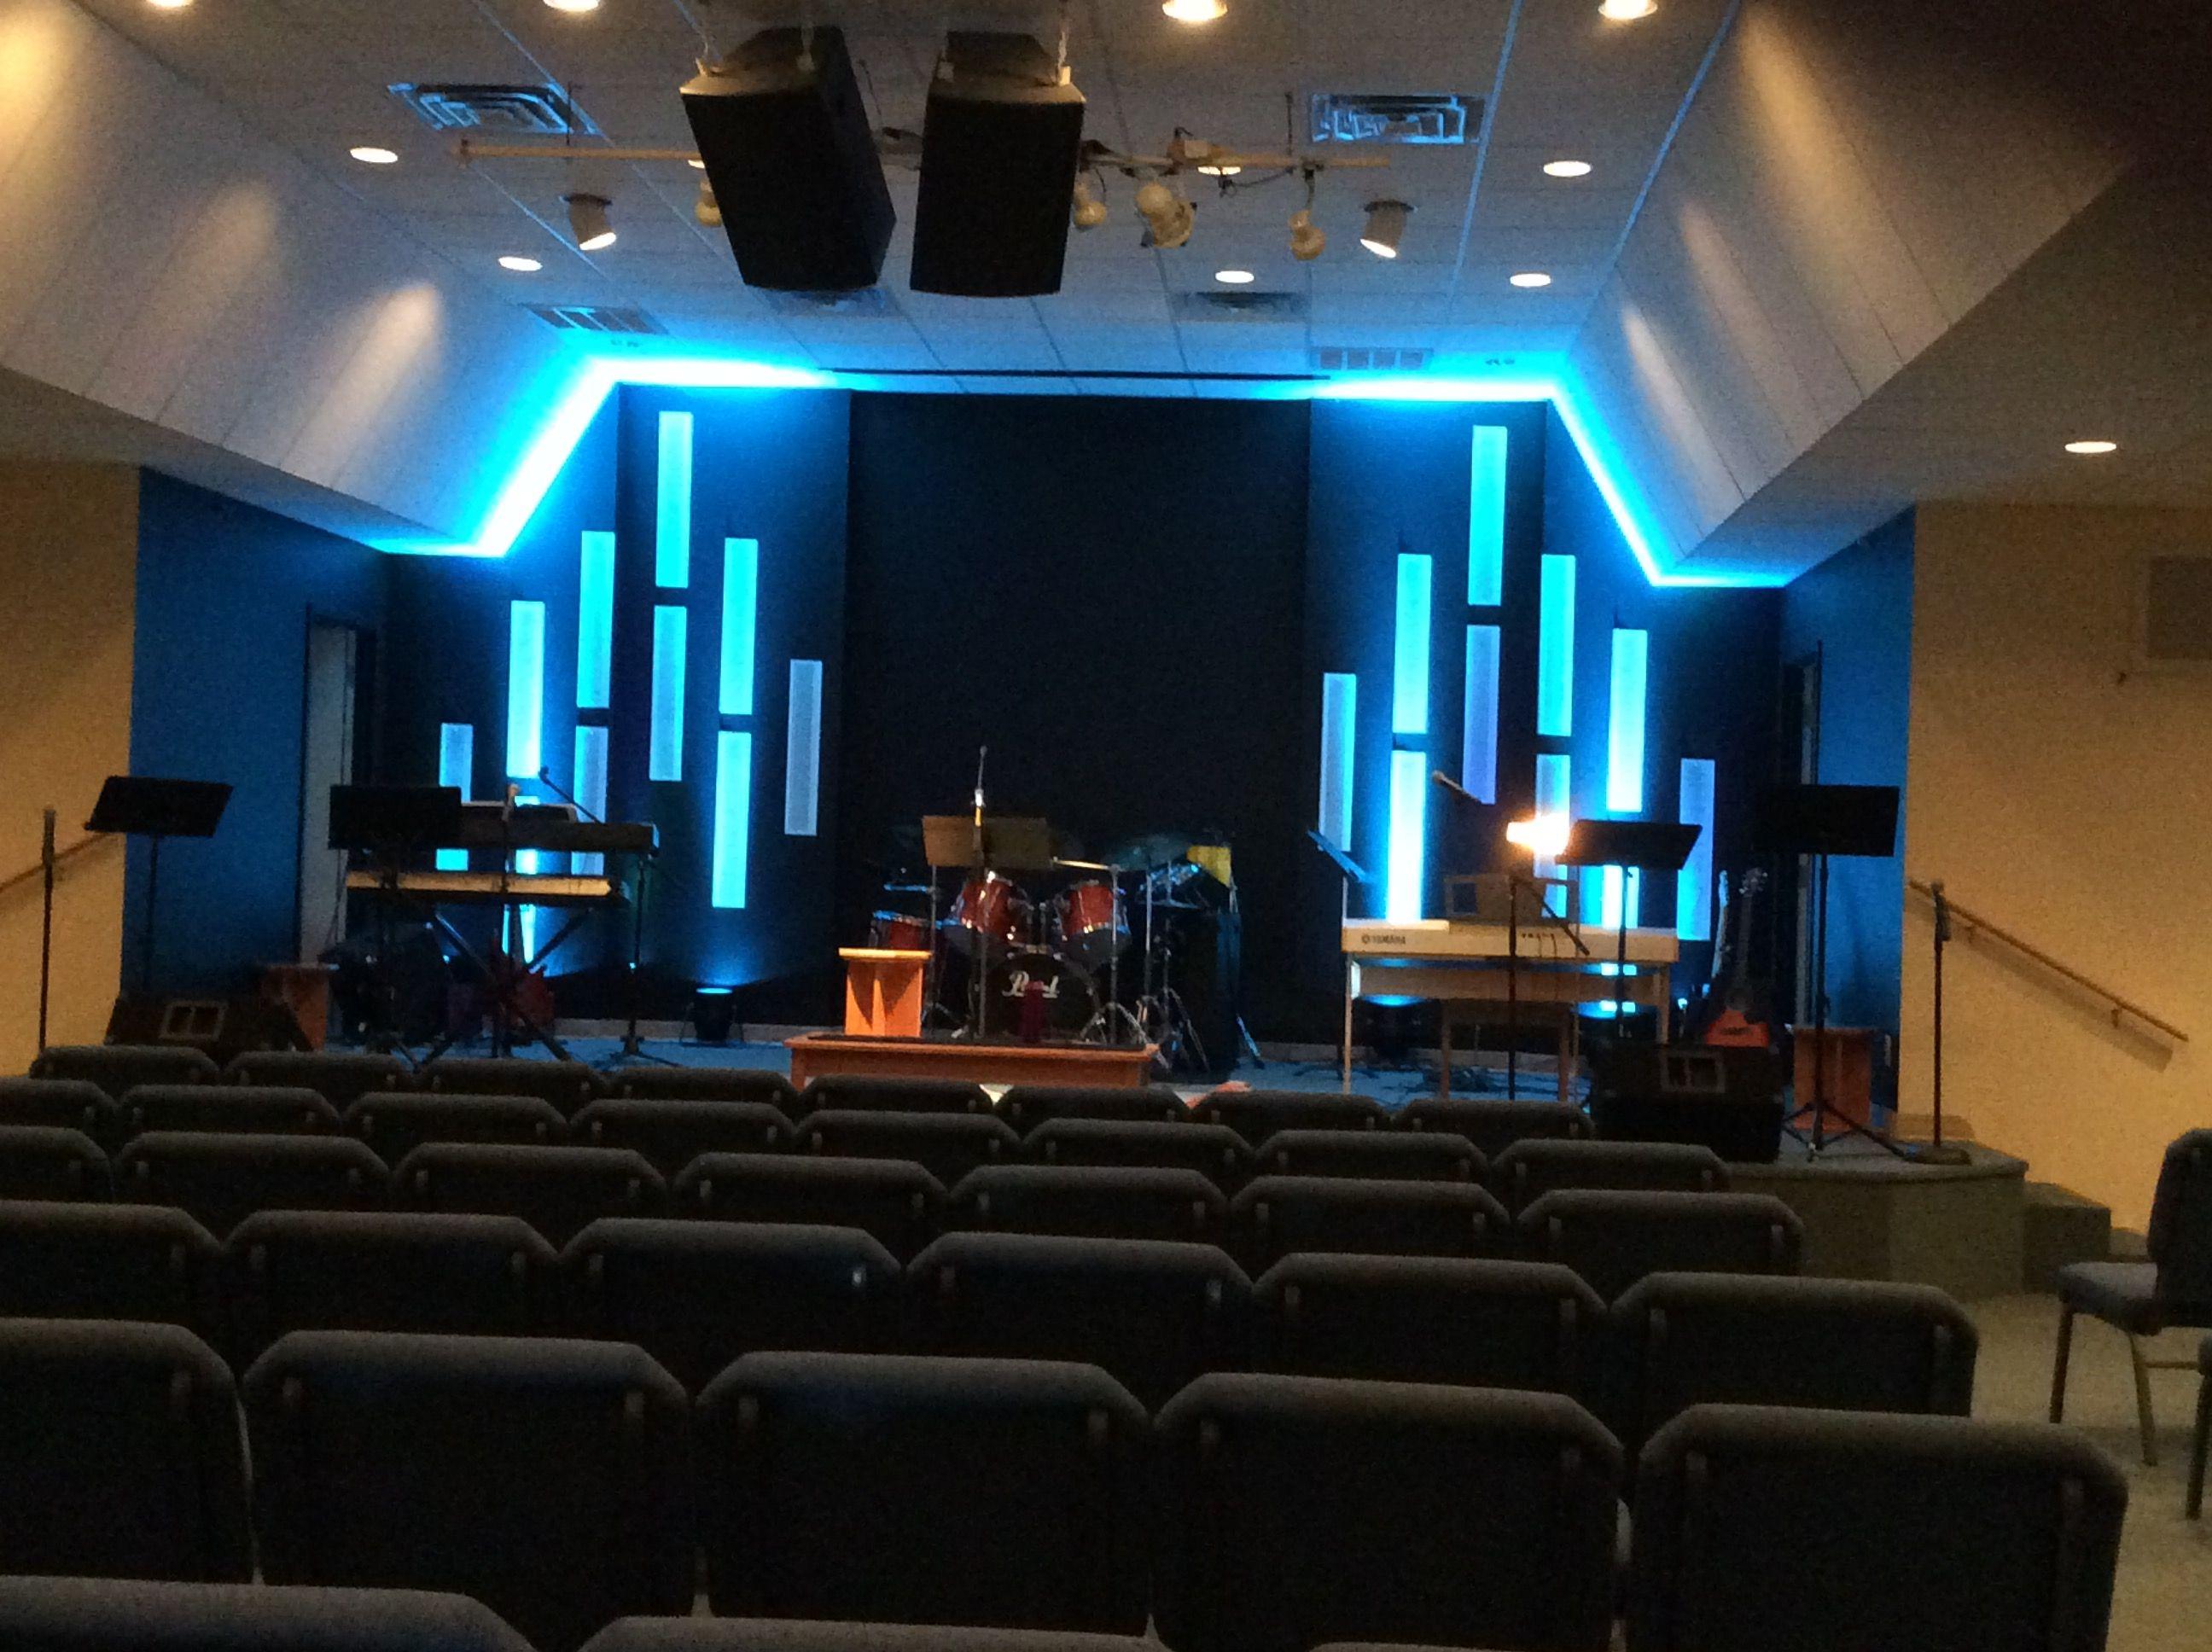 Vert Gutters Church Stage Design Church Interior Design Church